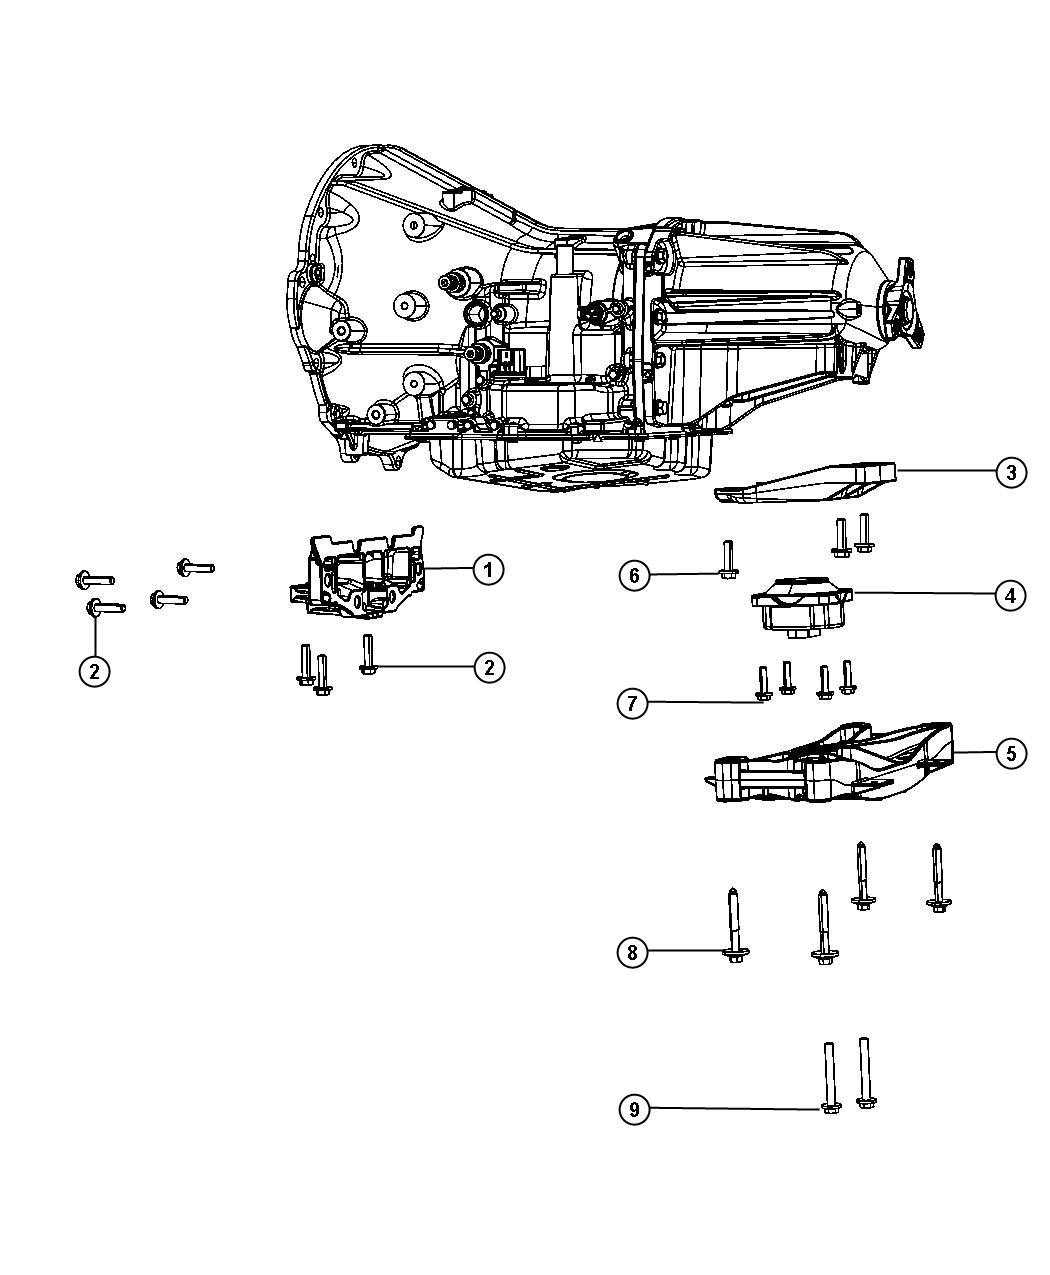 Chrysler 300 Crossmember Transmission